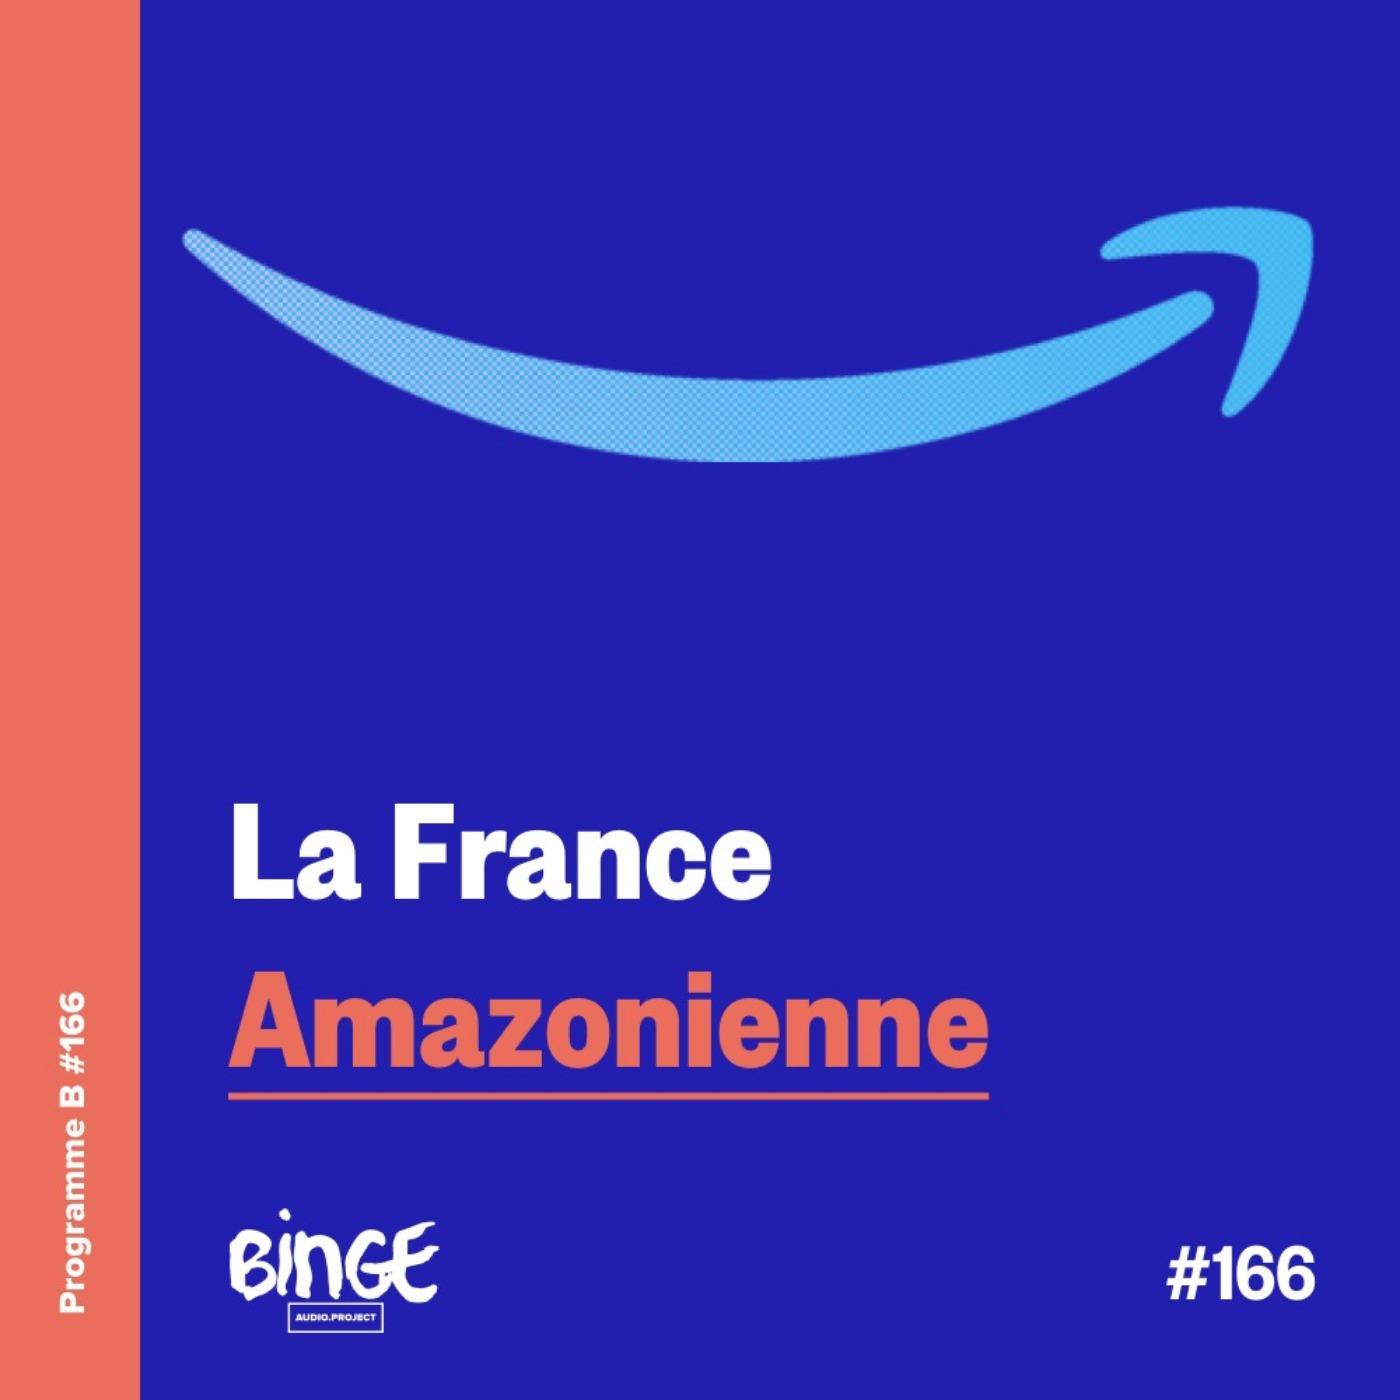 La France Amazonienne